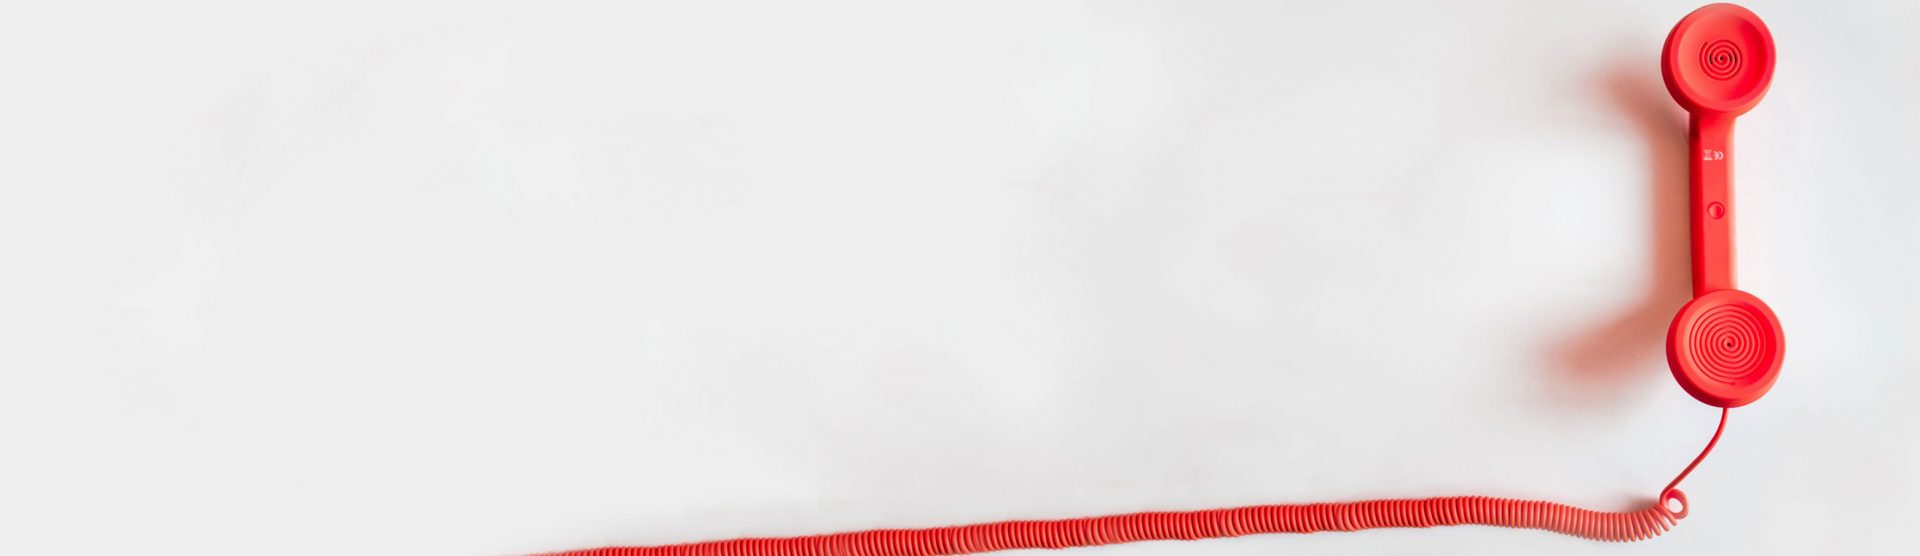 Telefoon contact opnemen - Jipa Praktijk voor Ergotherapie